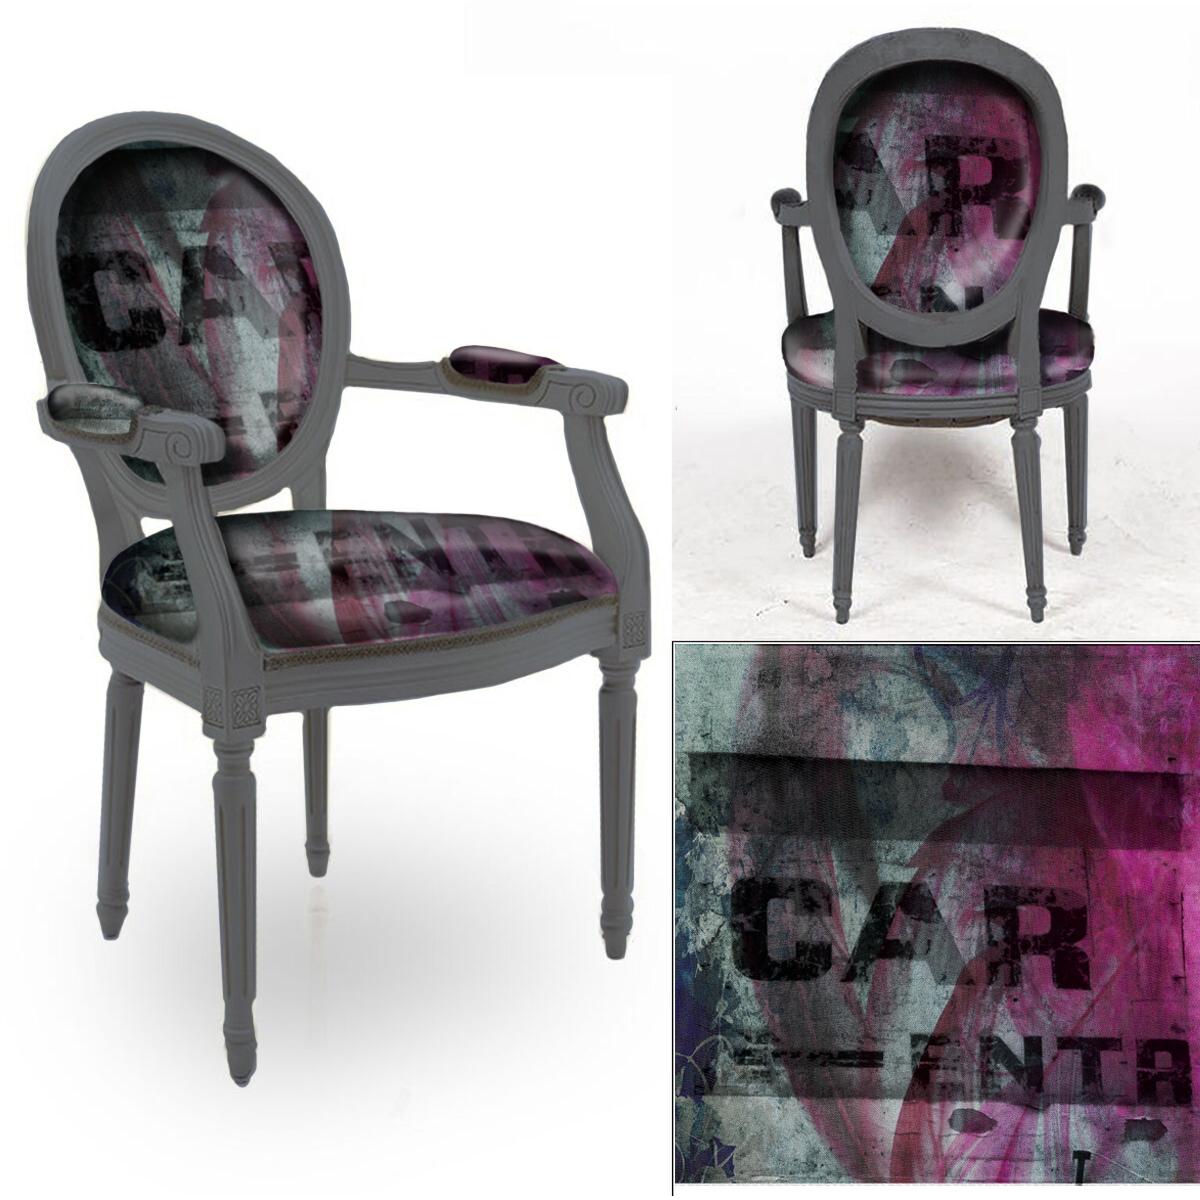 Chair Textile Design